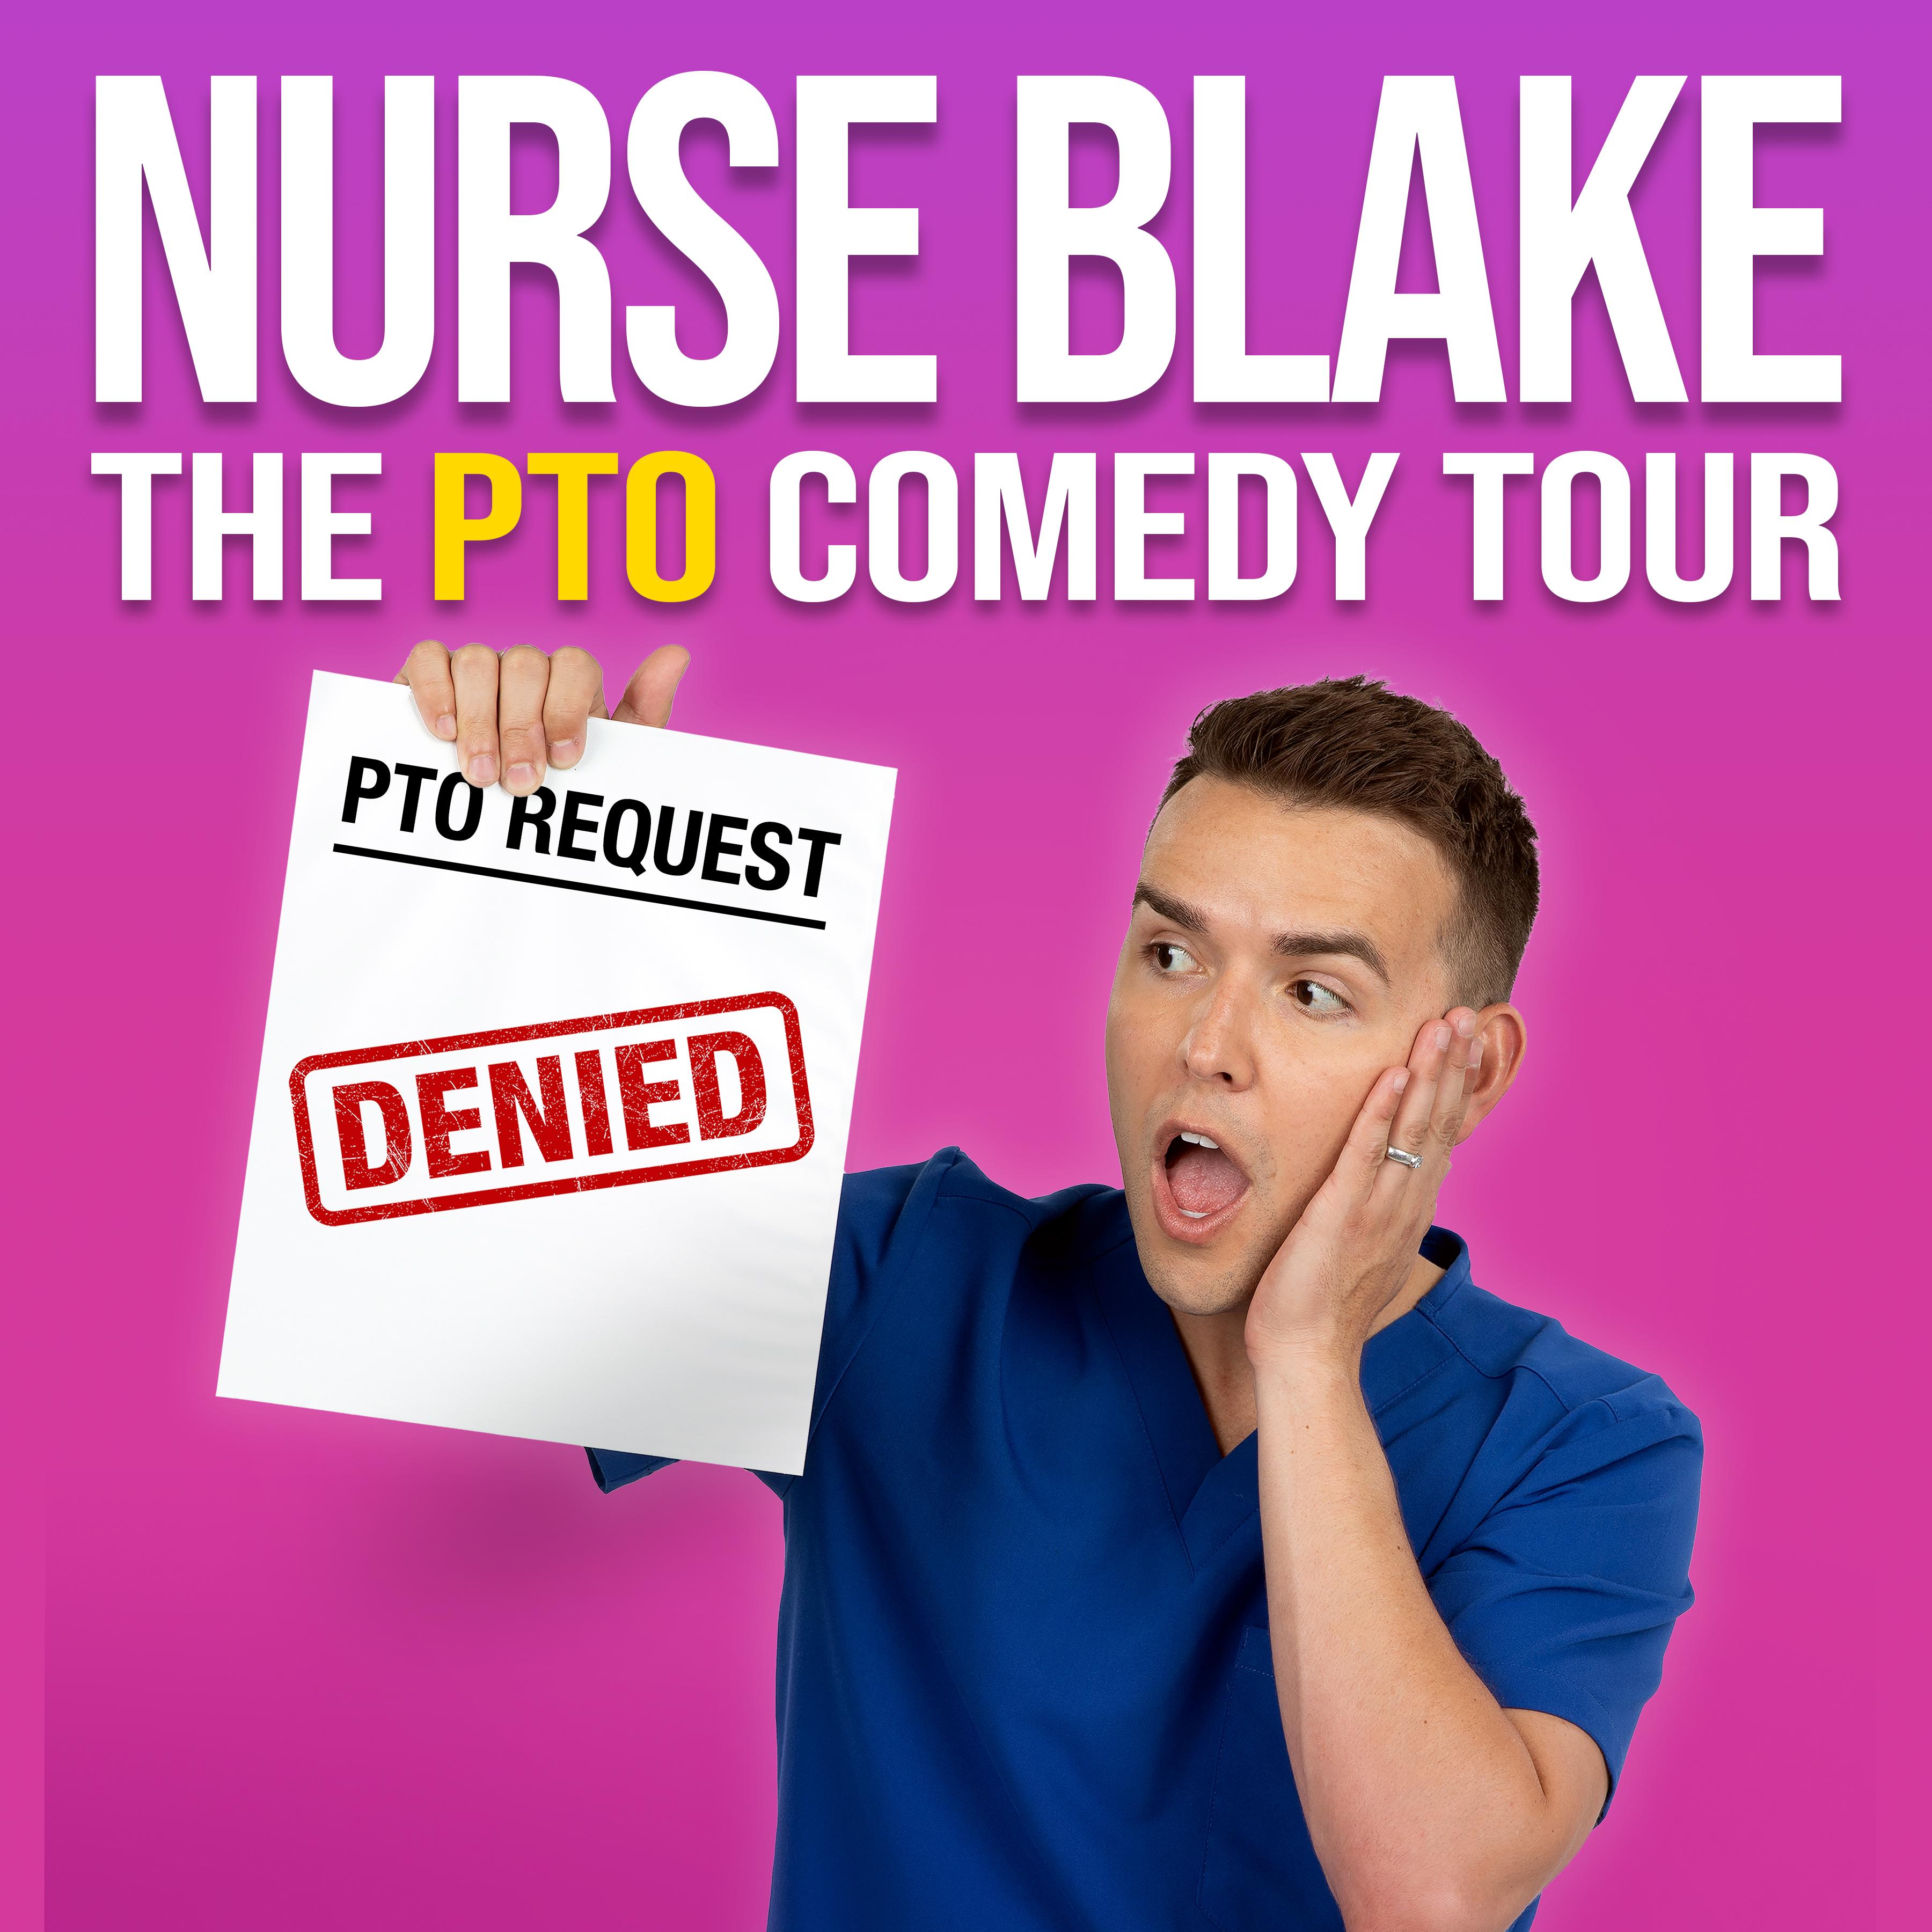 Husband nurse blake Nurse Blake